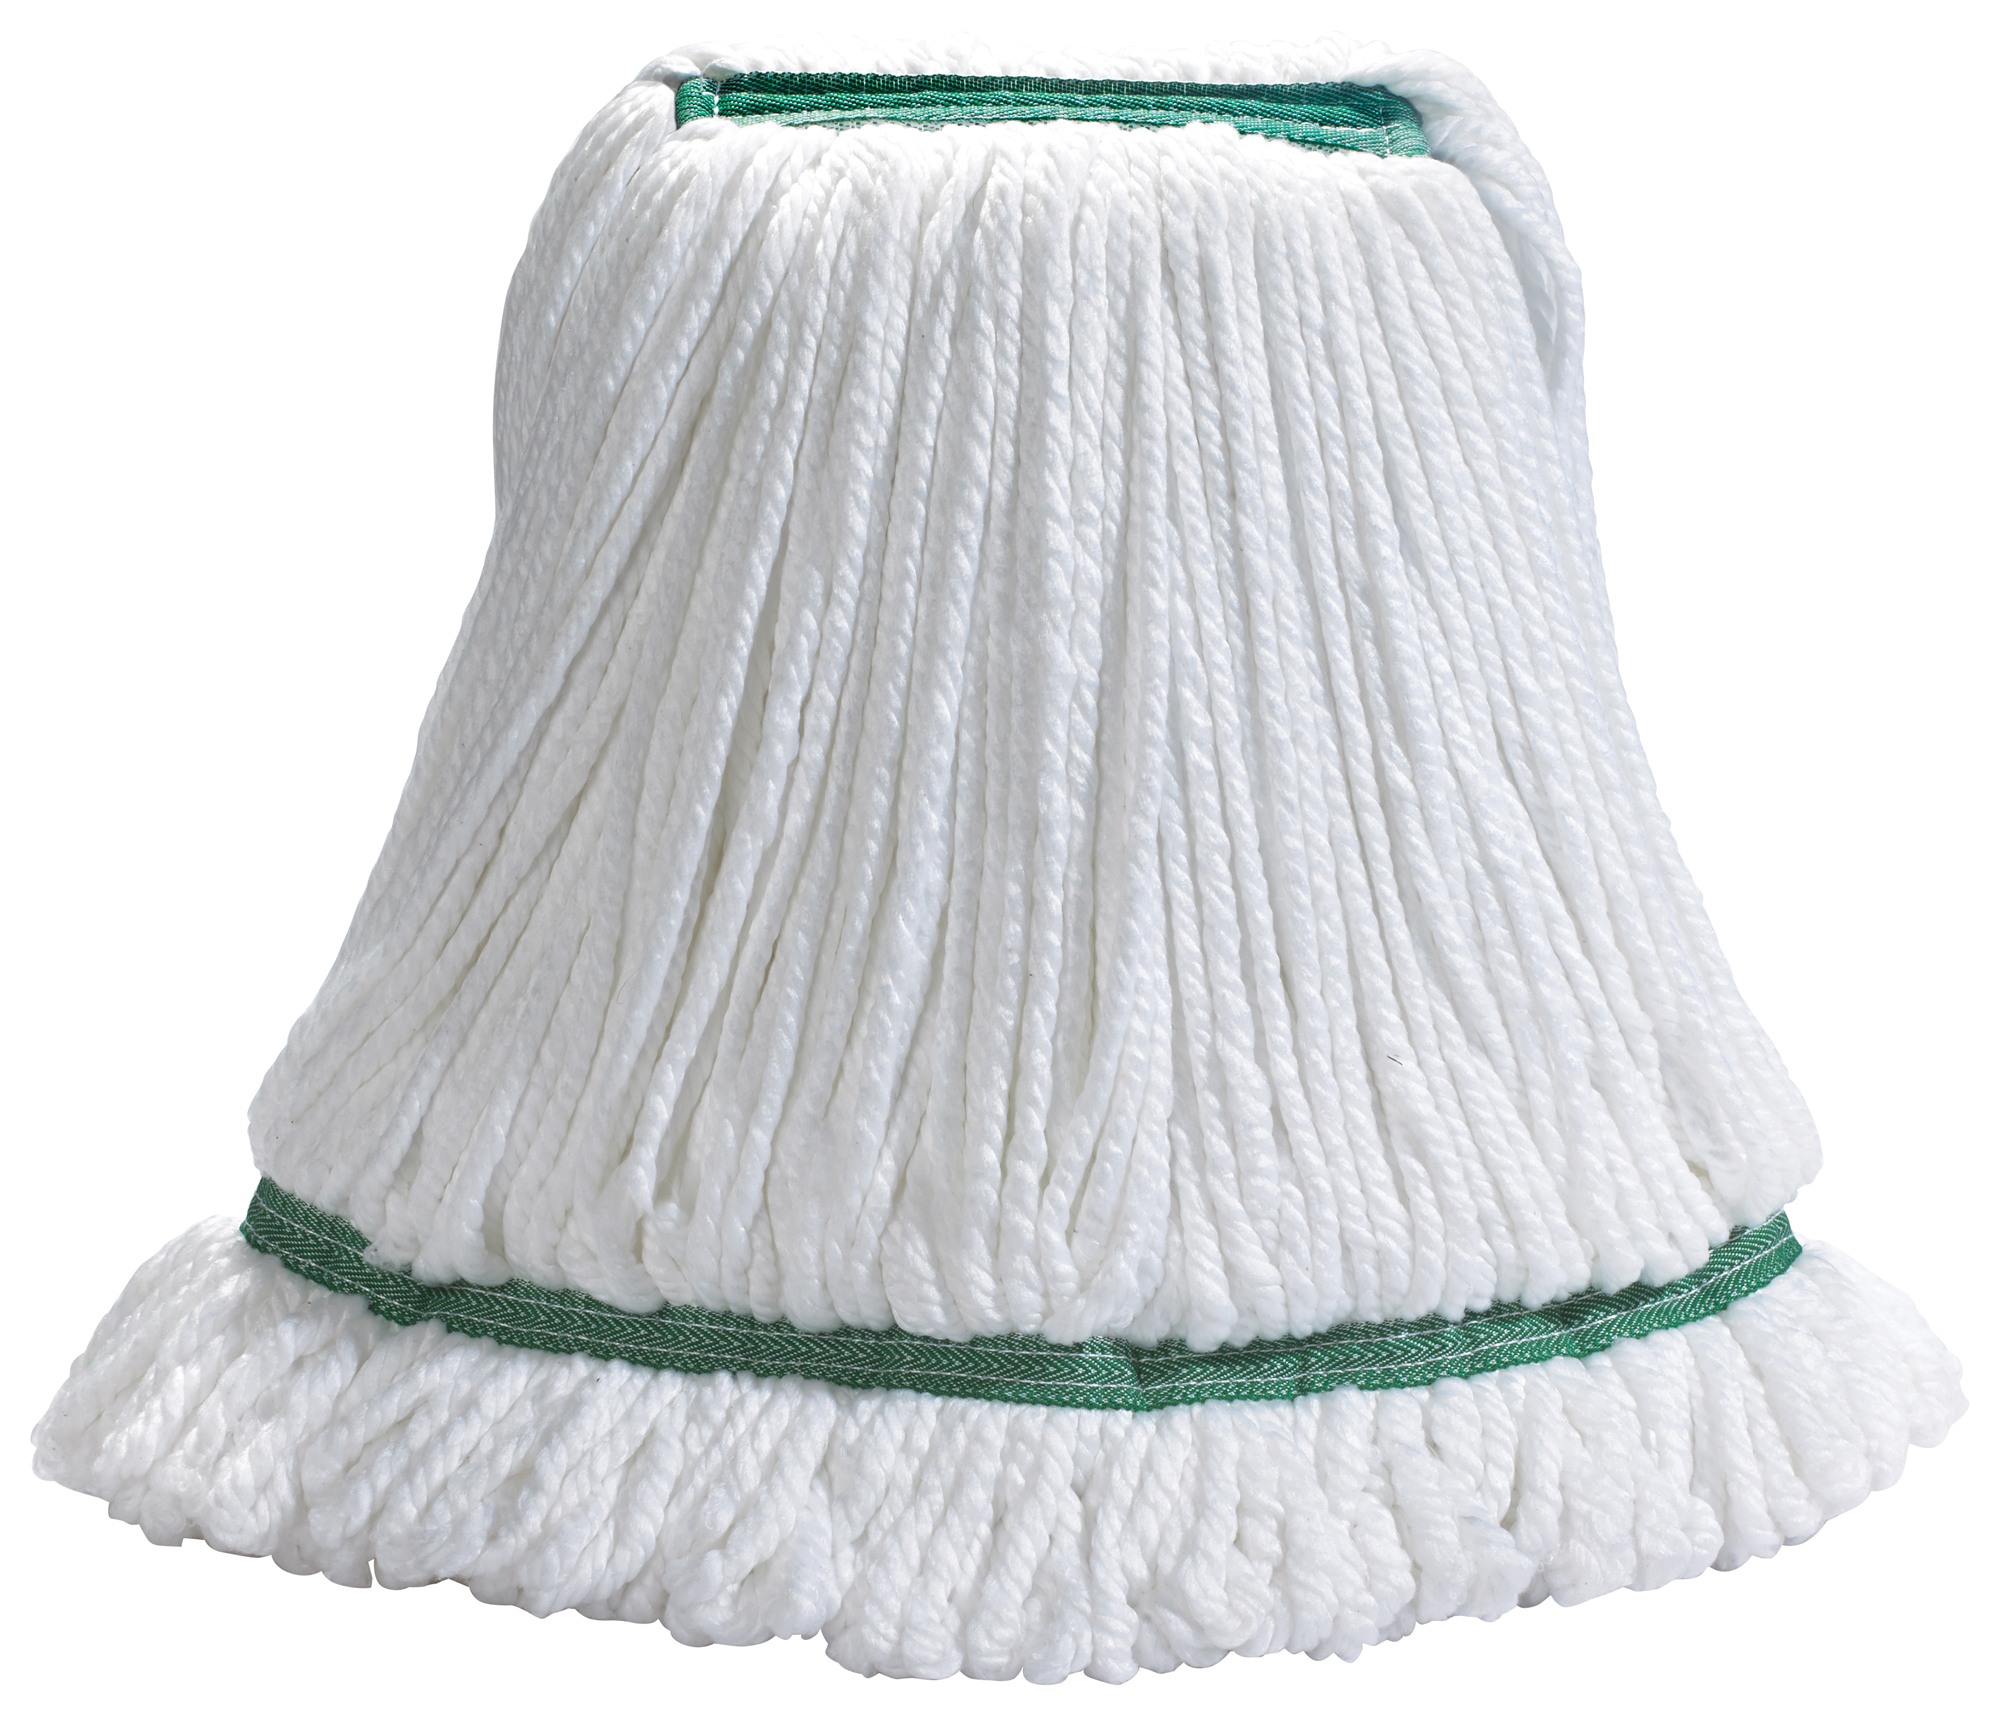 Winco MOPM-L mop head